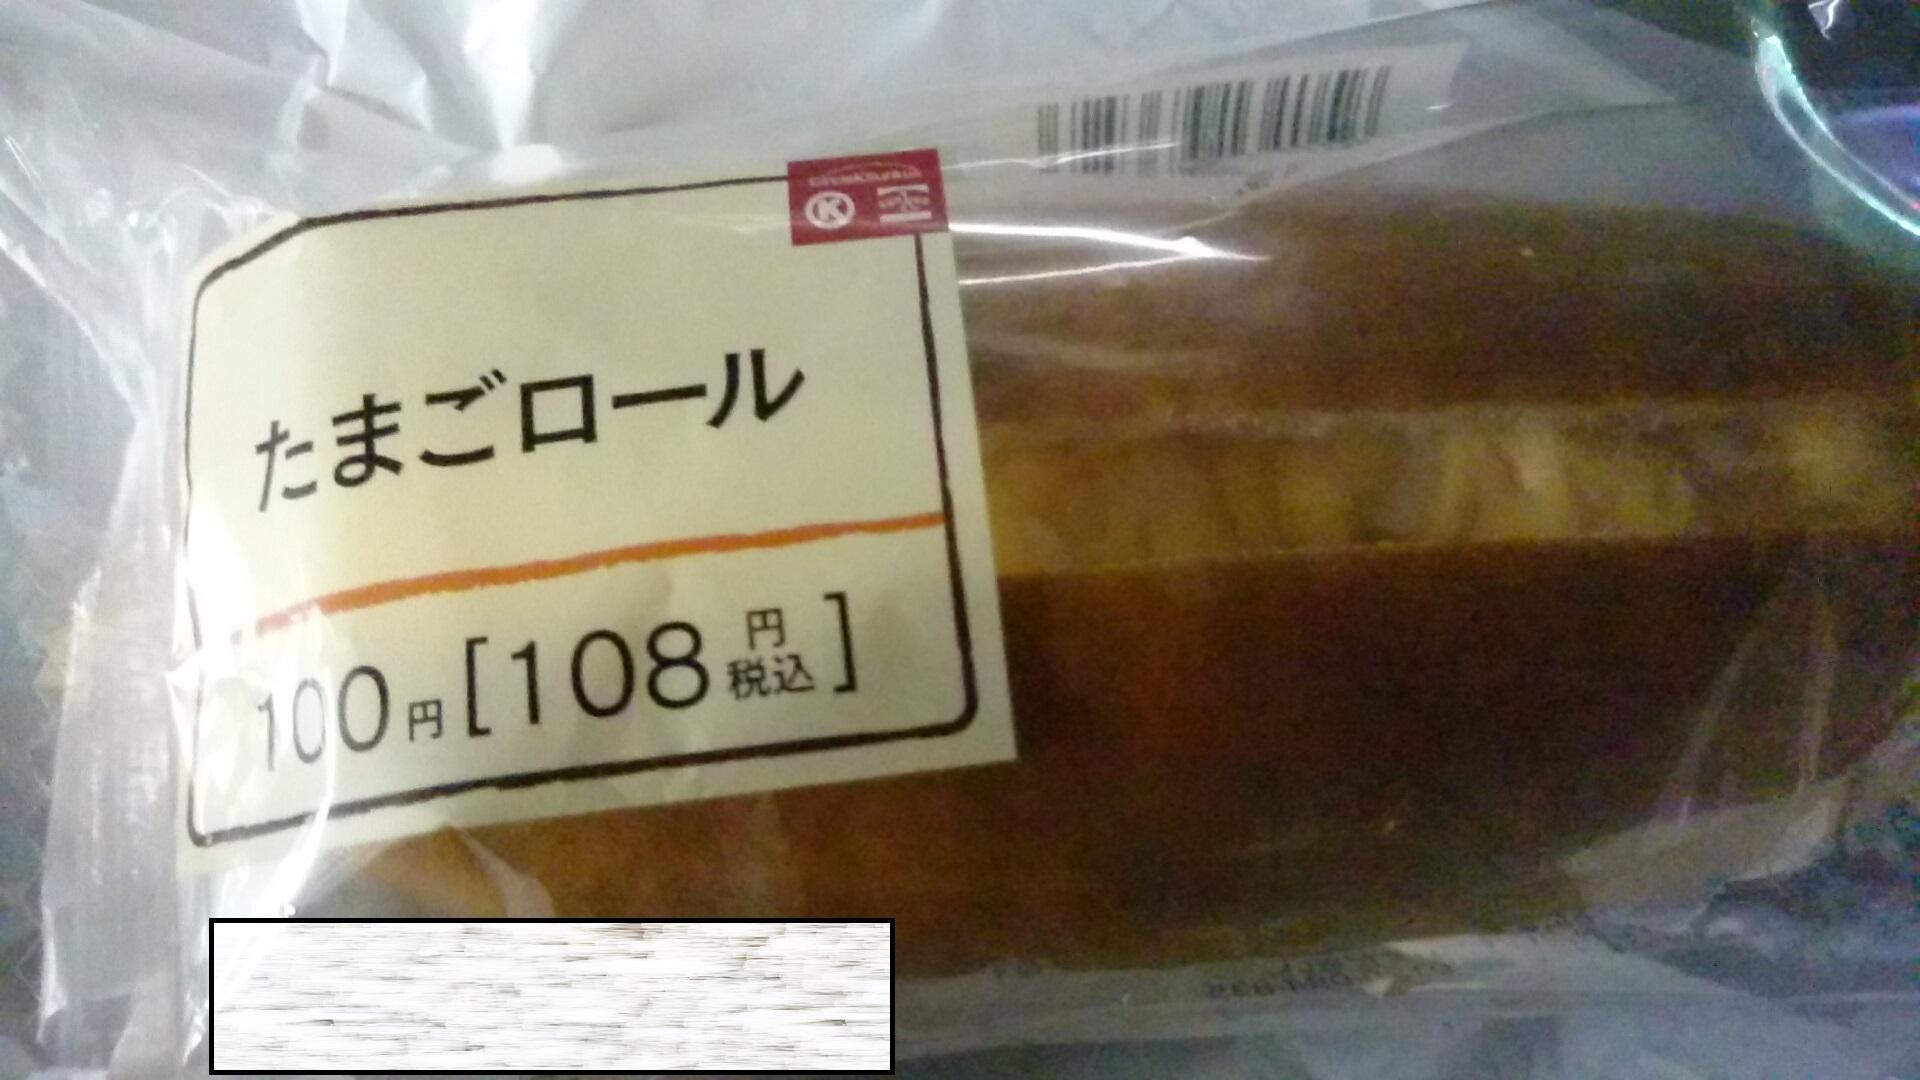 サンクス 恋ヶ窪店